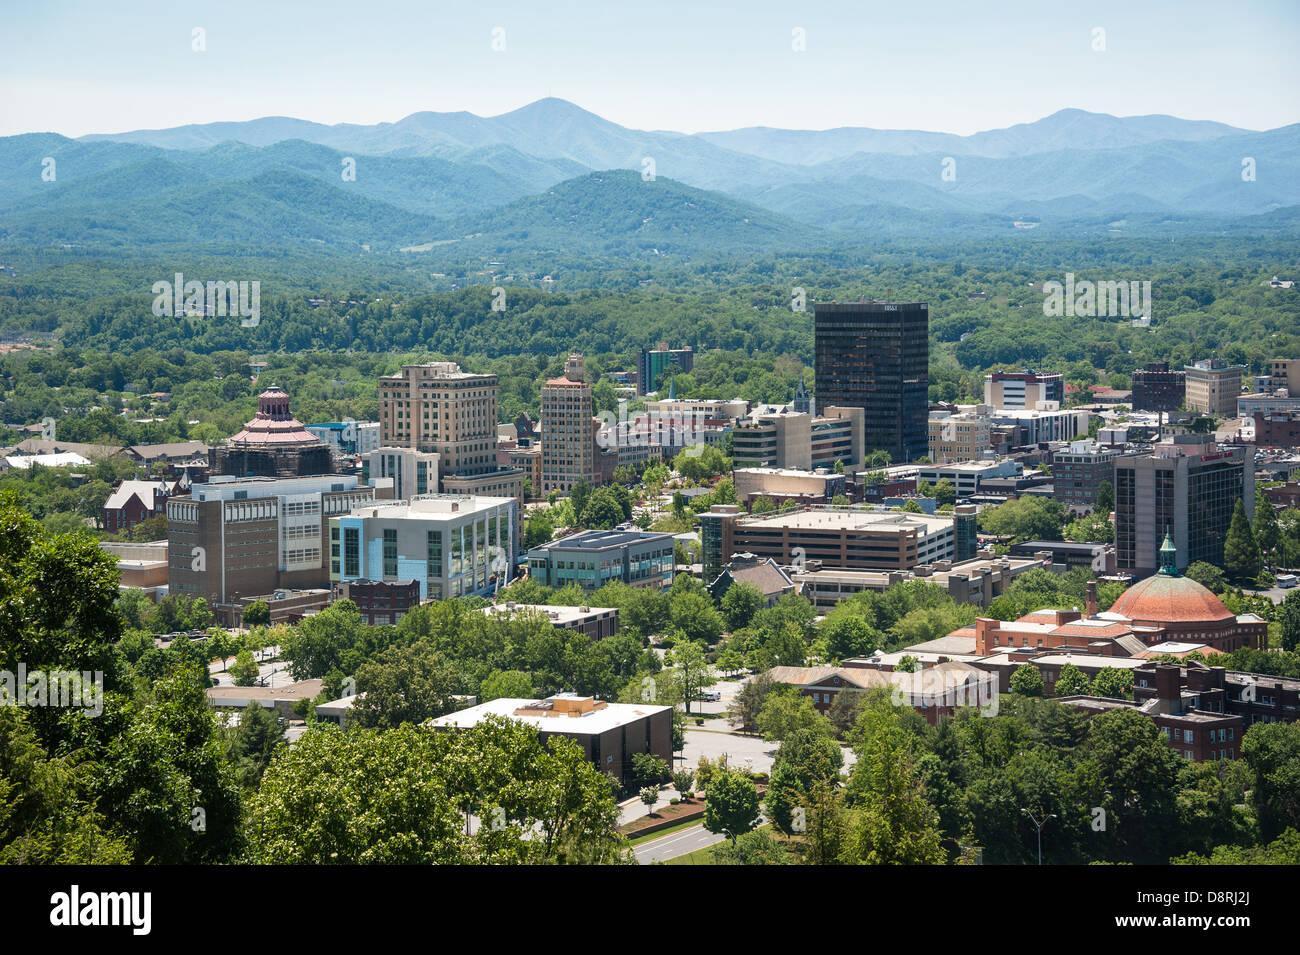 Asheville, North Carolina nestled within the beautiful Blue Ridge mountains. Stock Photo